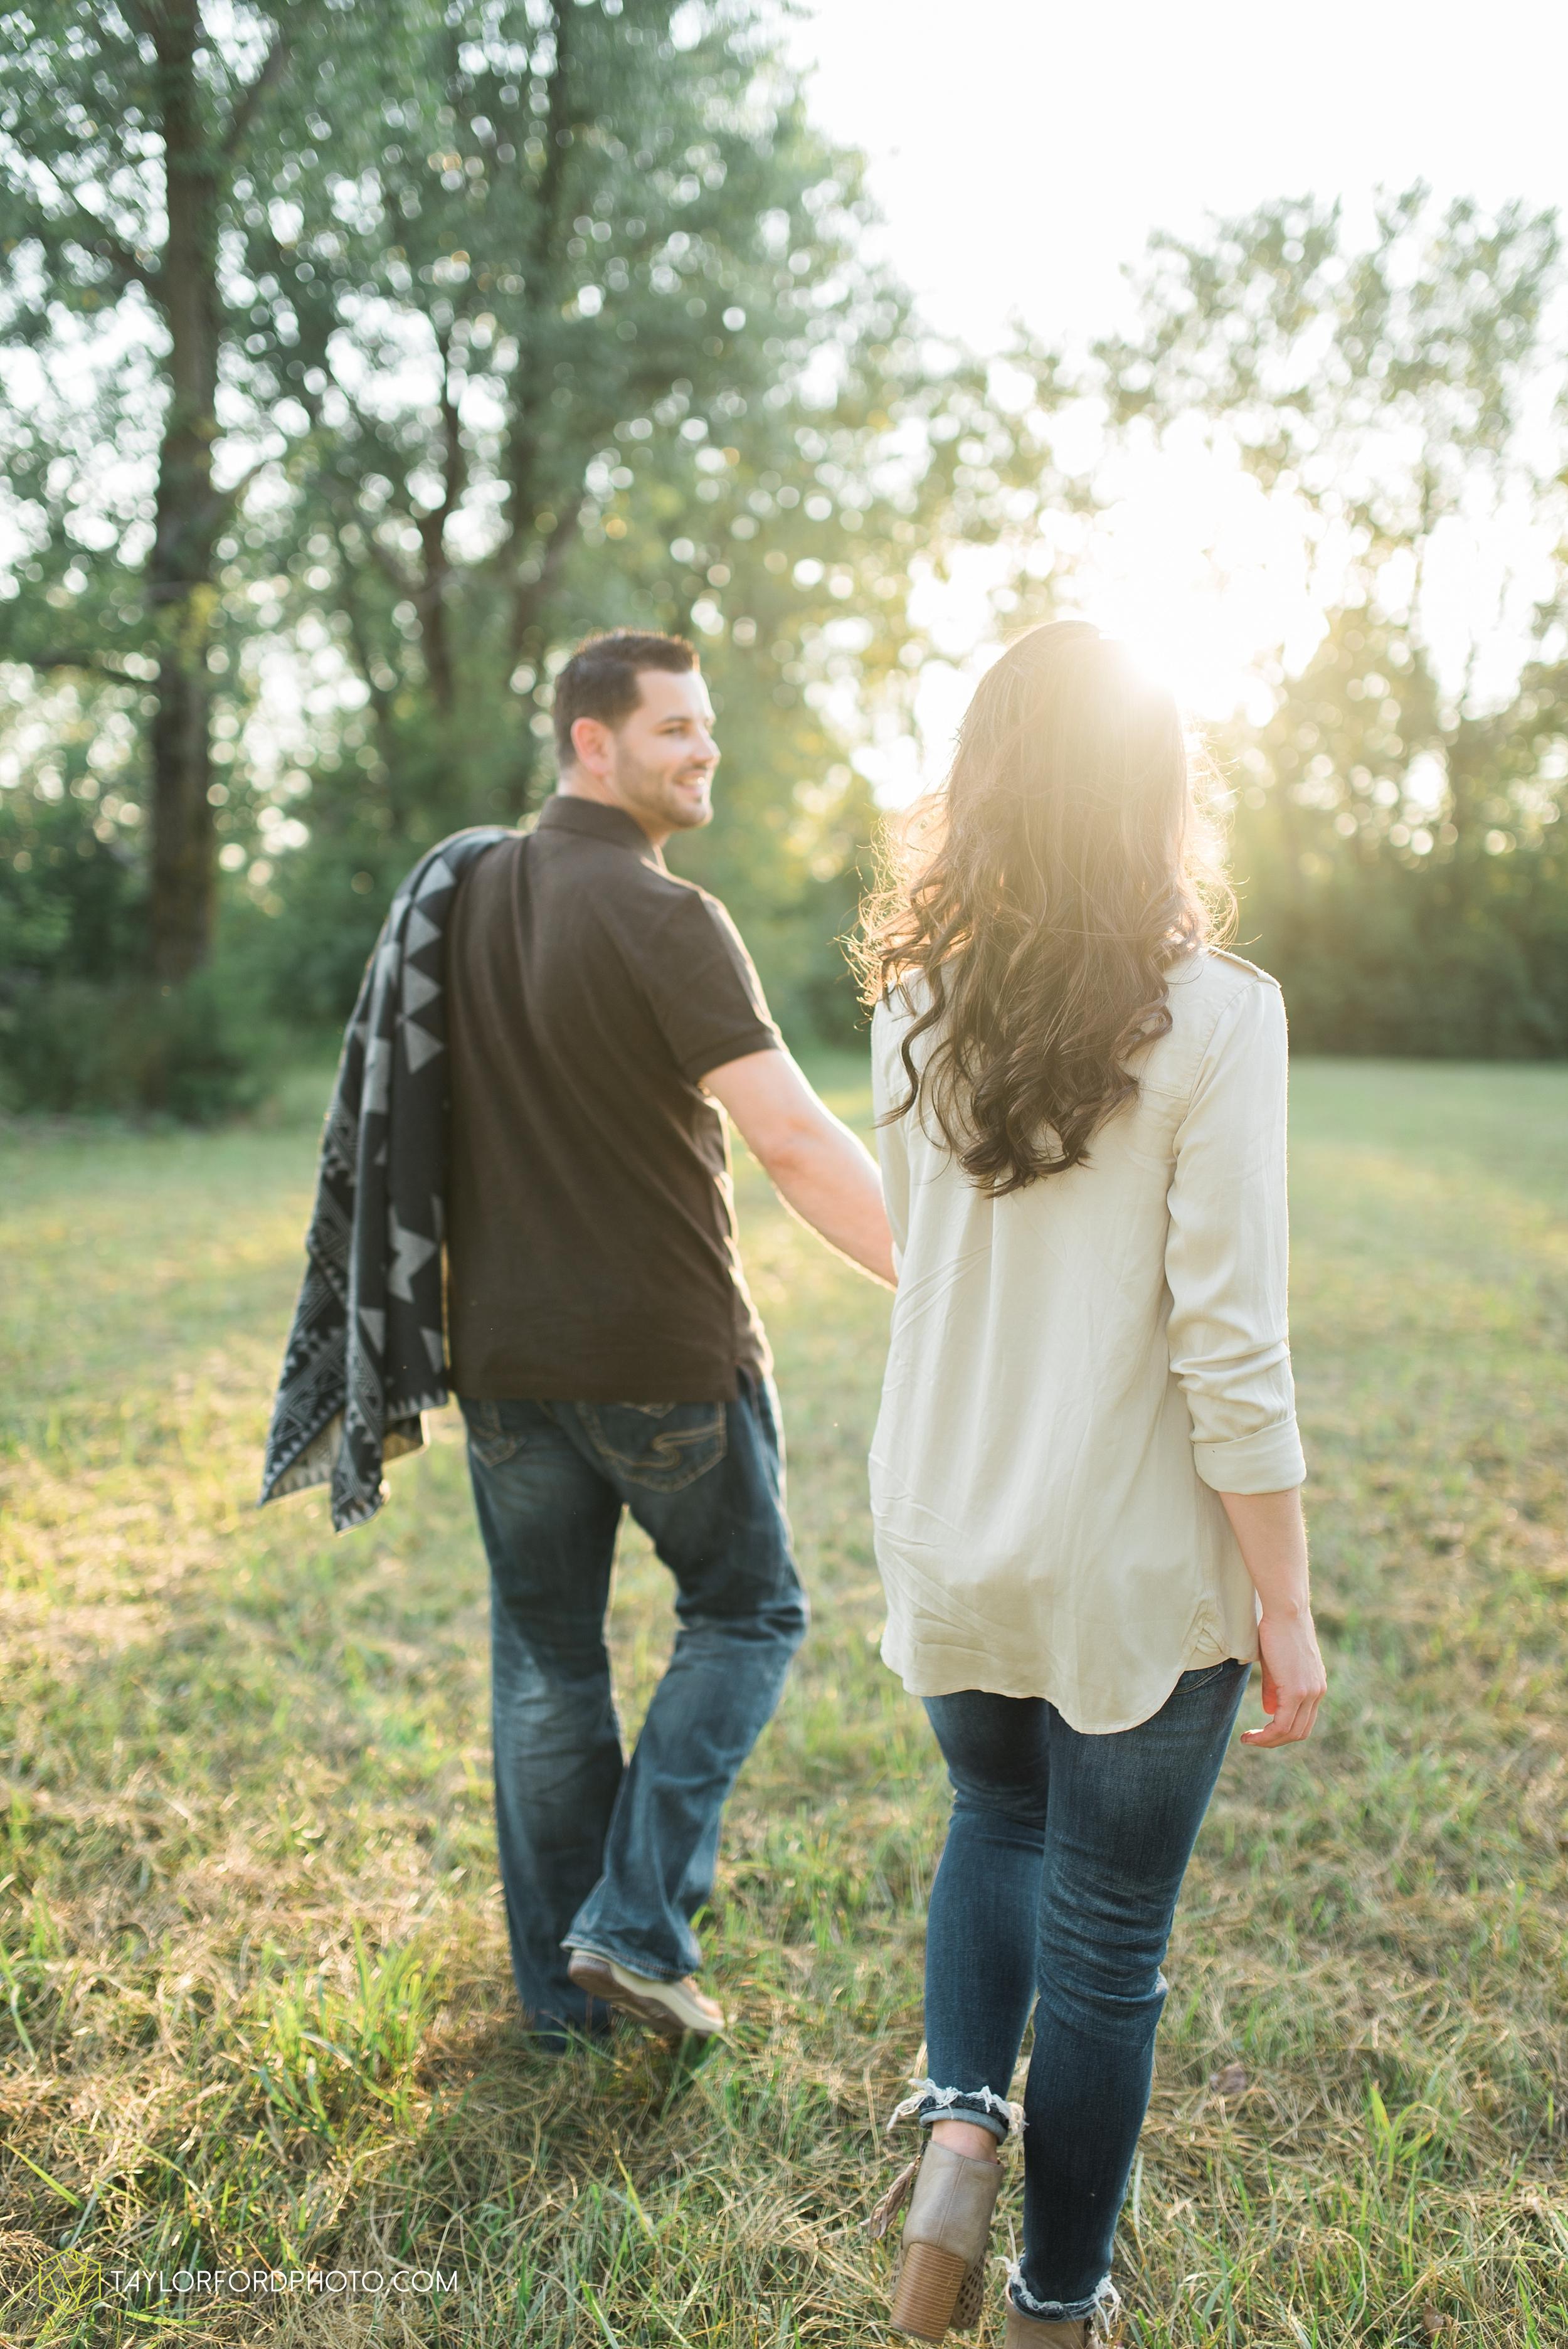 celina-coldwarter-ohio-engagement-wedding-photographer-Taylor-Ford-Photography-Ohio-Indiana_2295.jpg